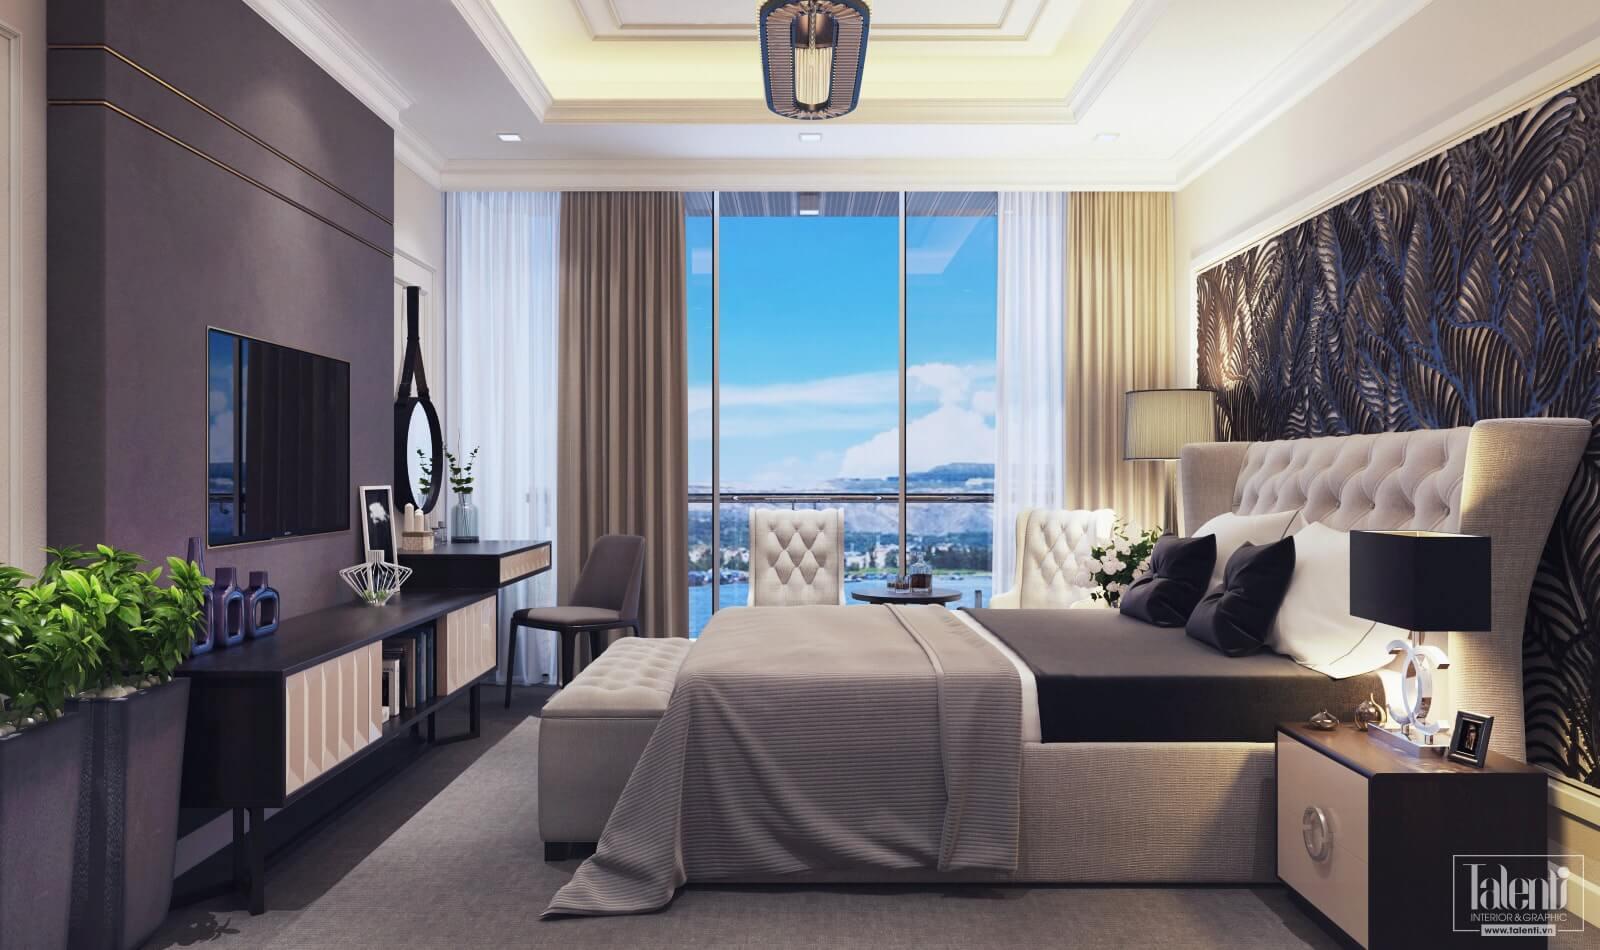 xu hướng thiết kế nội thất khách sạn 2019